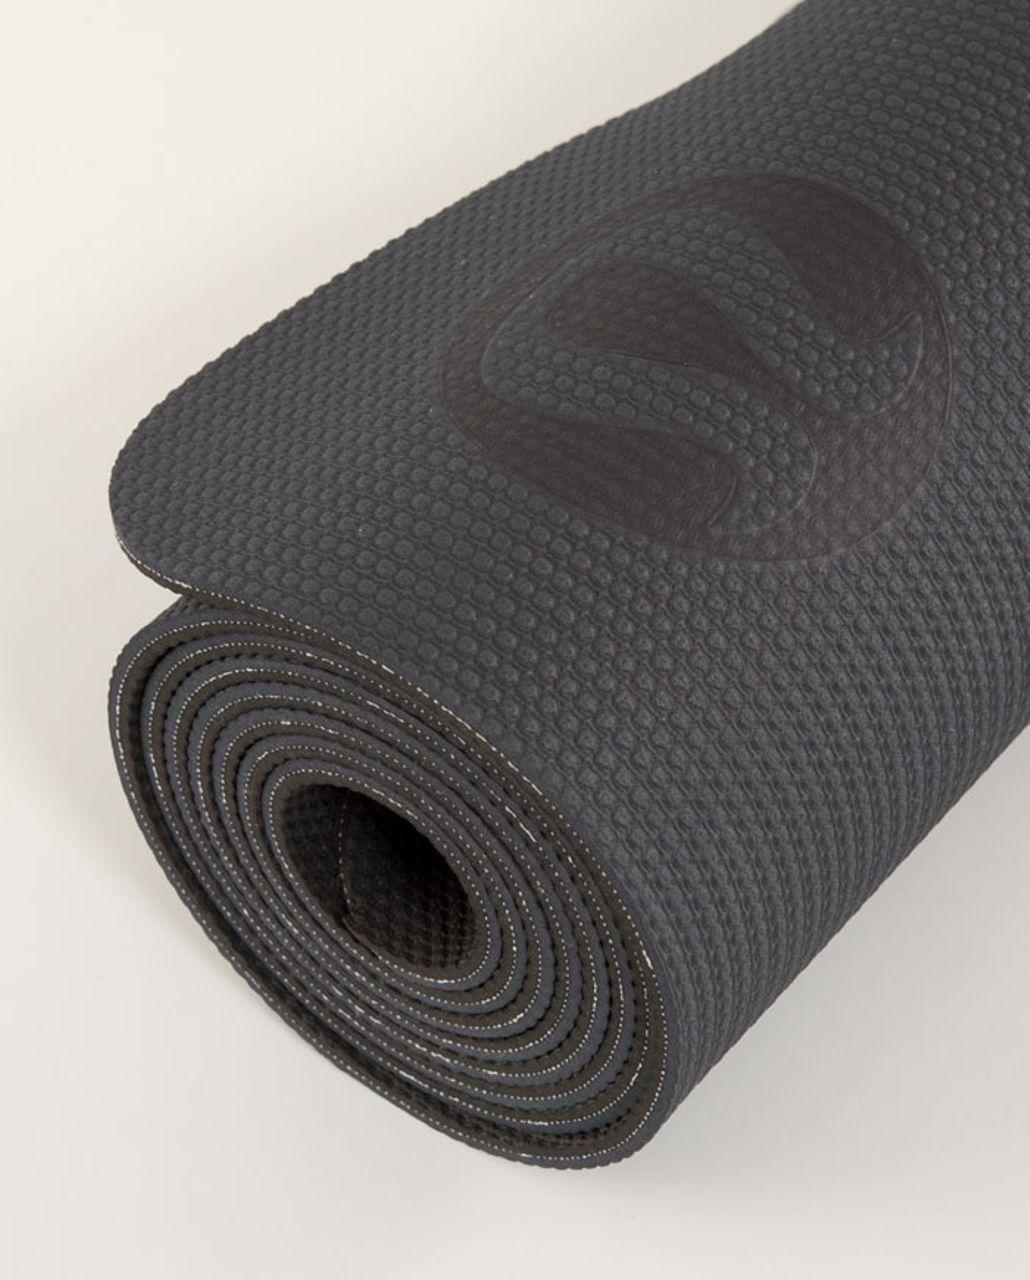 Lululemon Align Ultra Mat - Coal /  Black